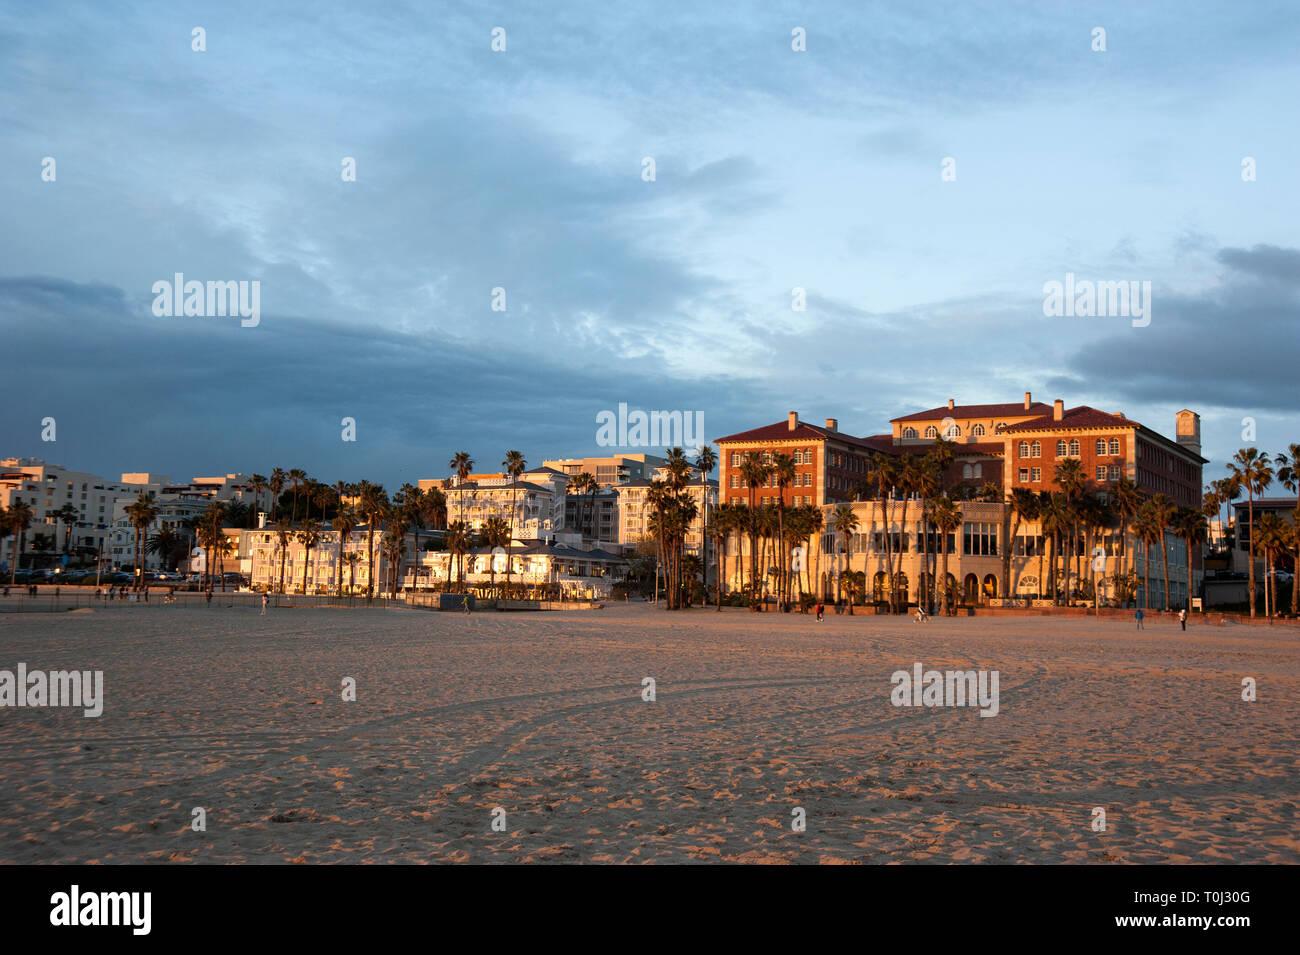 Hotels am Strand Fensterläden und Casa Del Mar entlang der Promenade in Santa Monica, CA Stockfoto